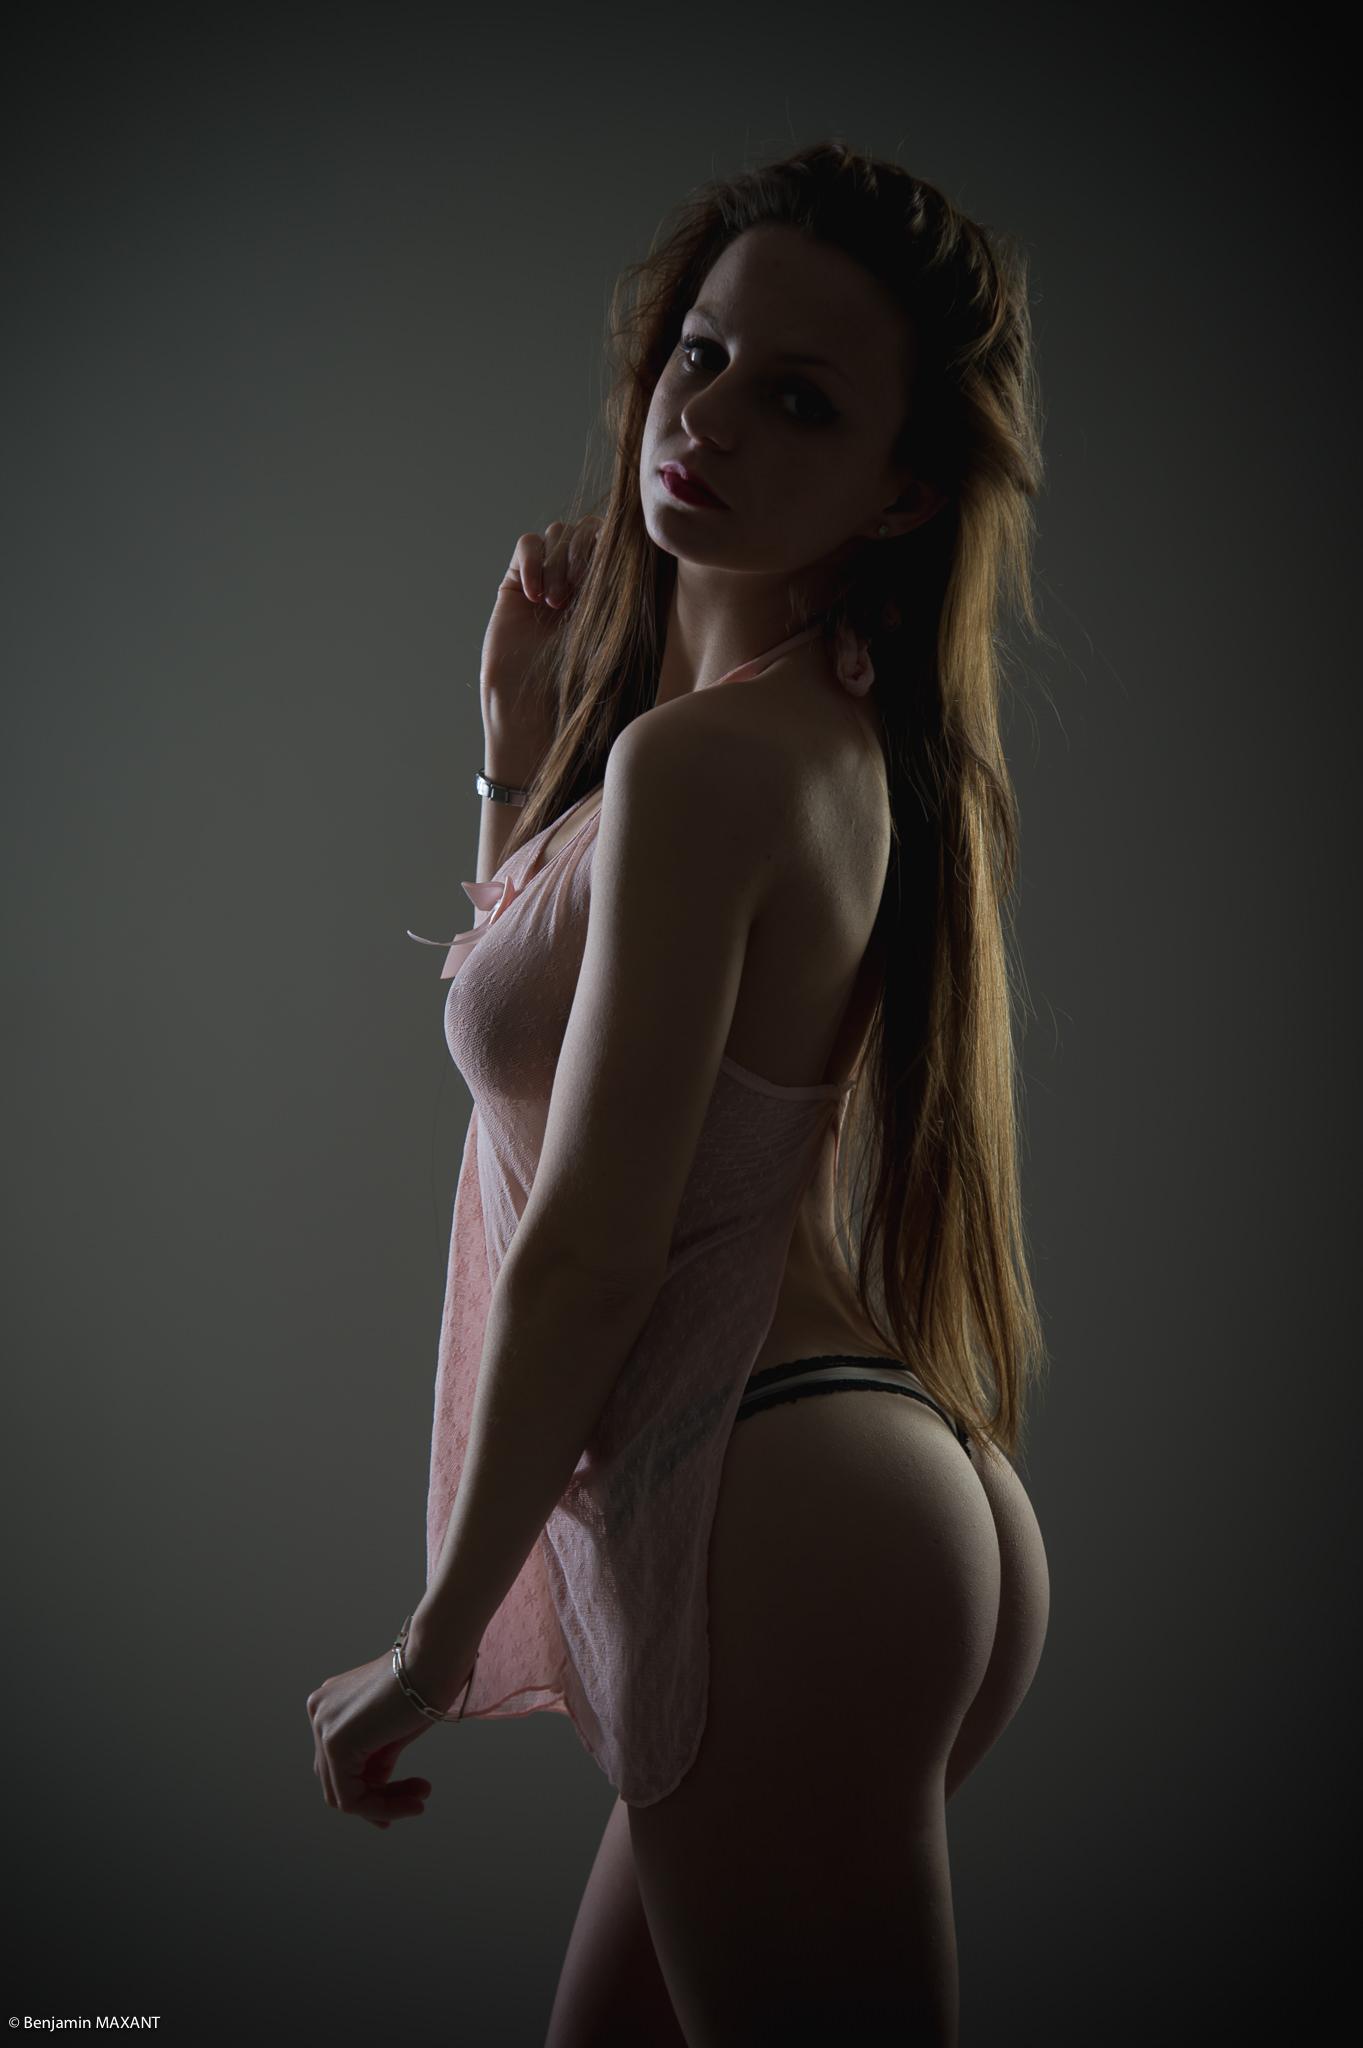 Séance photo lingerie en studio avec Manon - nuisette transparente et string